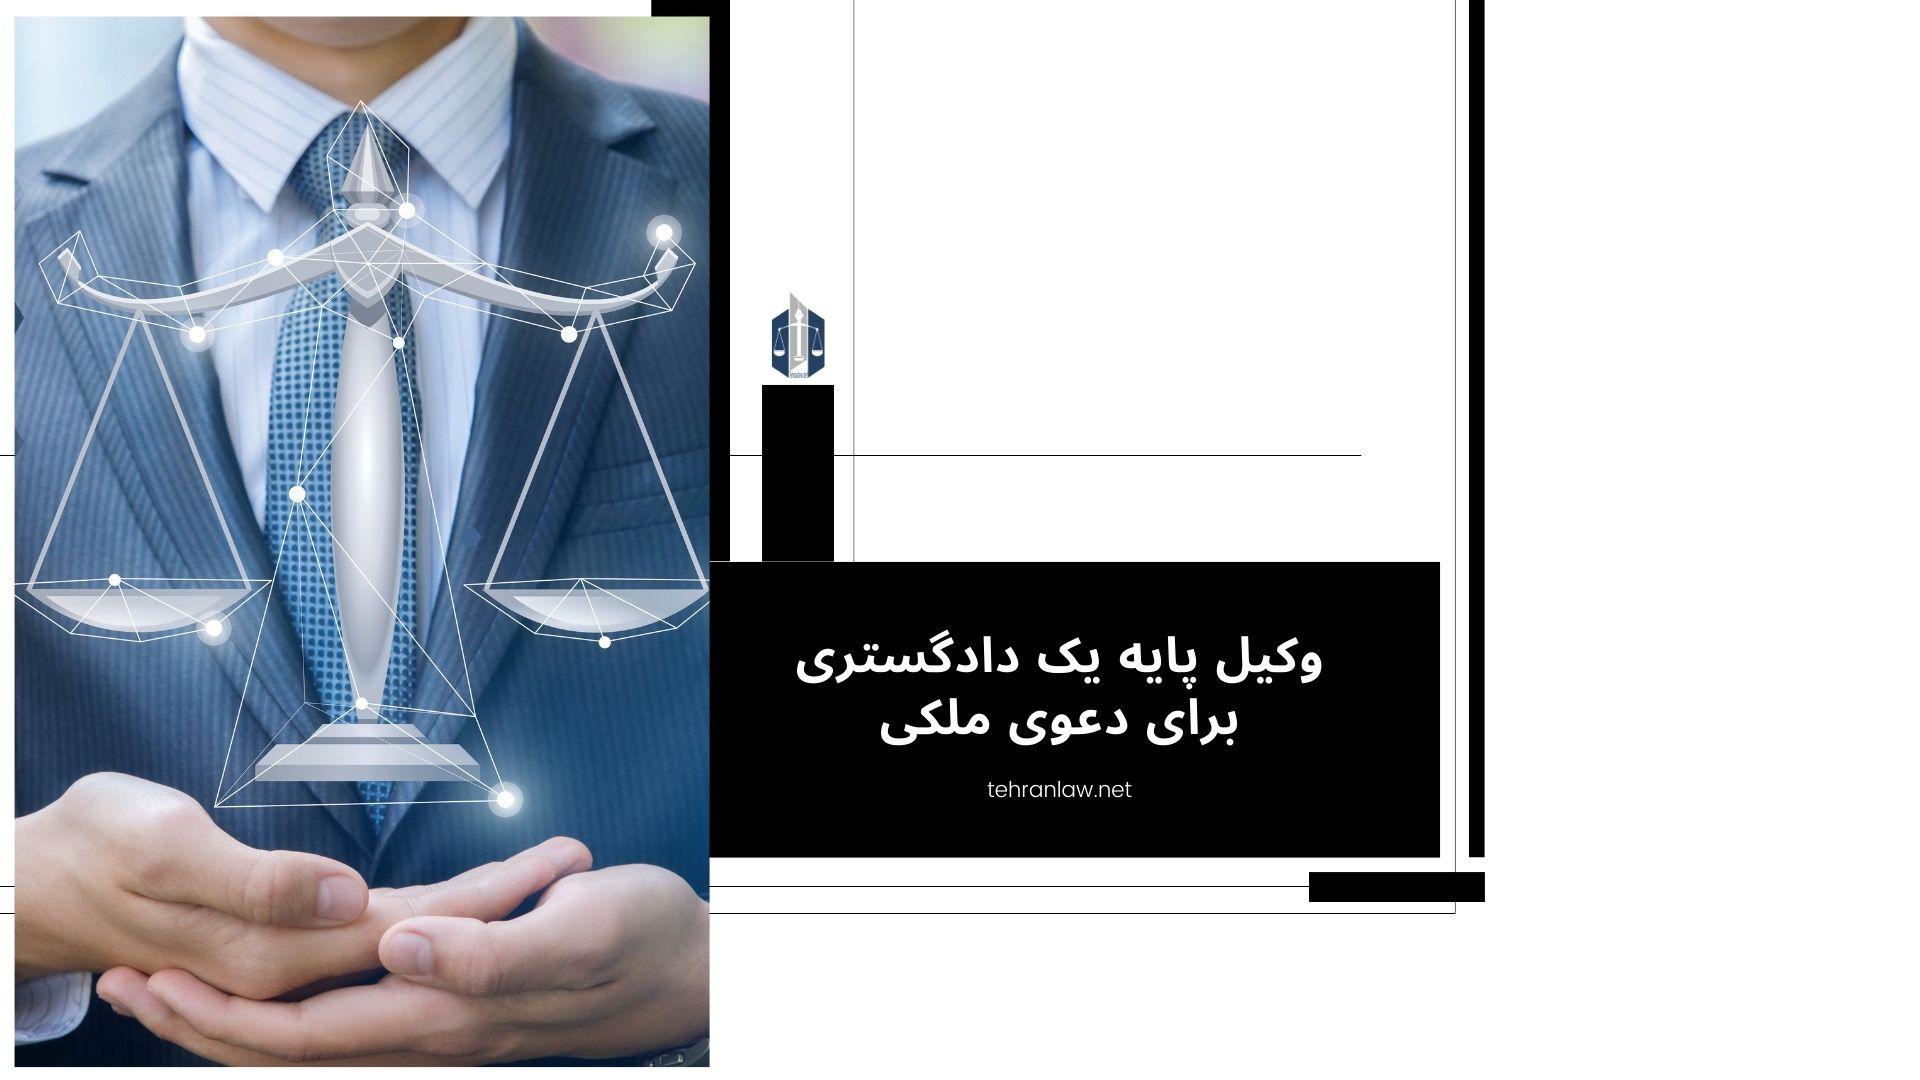 وکیل پایه یک دادگستری برای دعوی ملکی